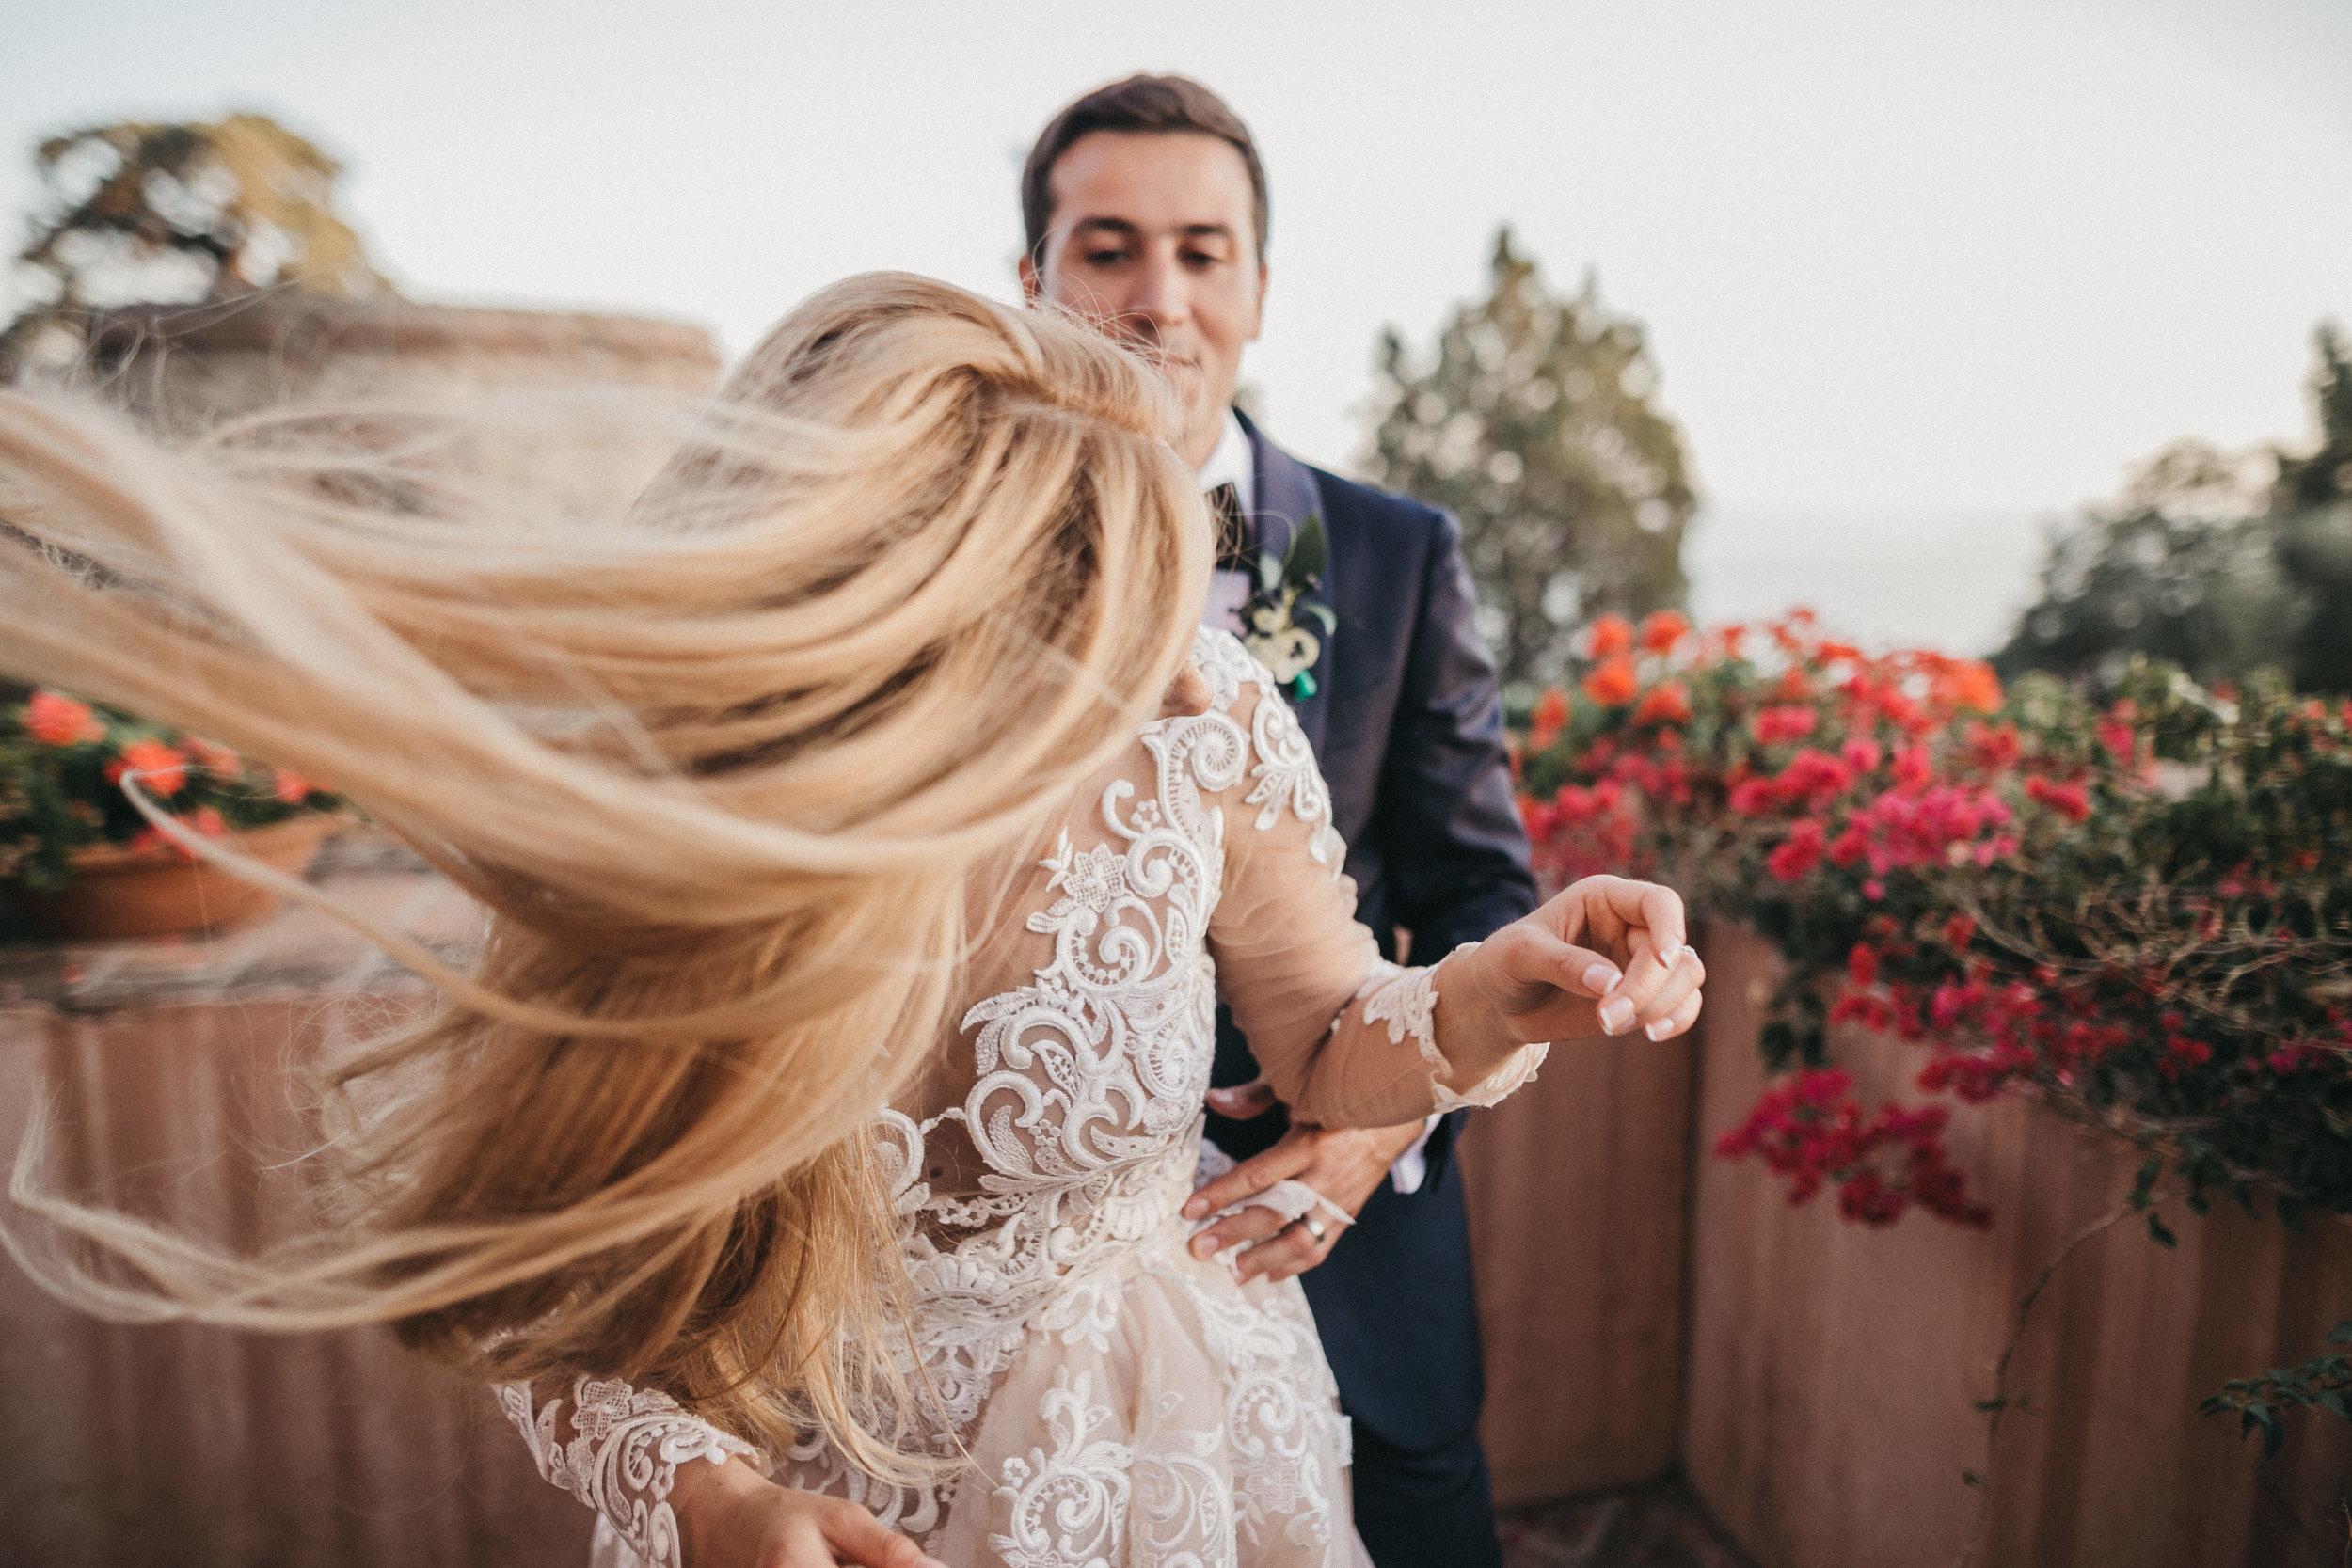 Fotografo de bodas españa serafin castillo wedding photographer spain 020.jpg